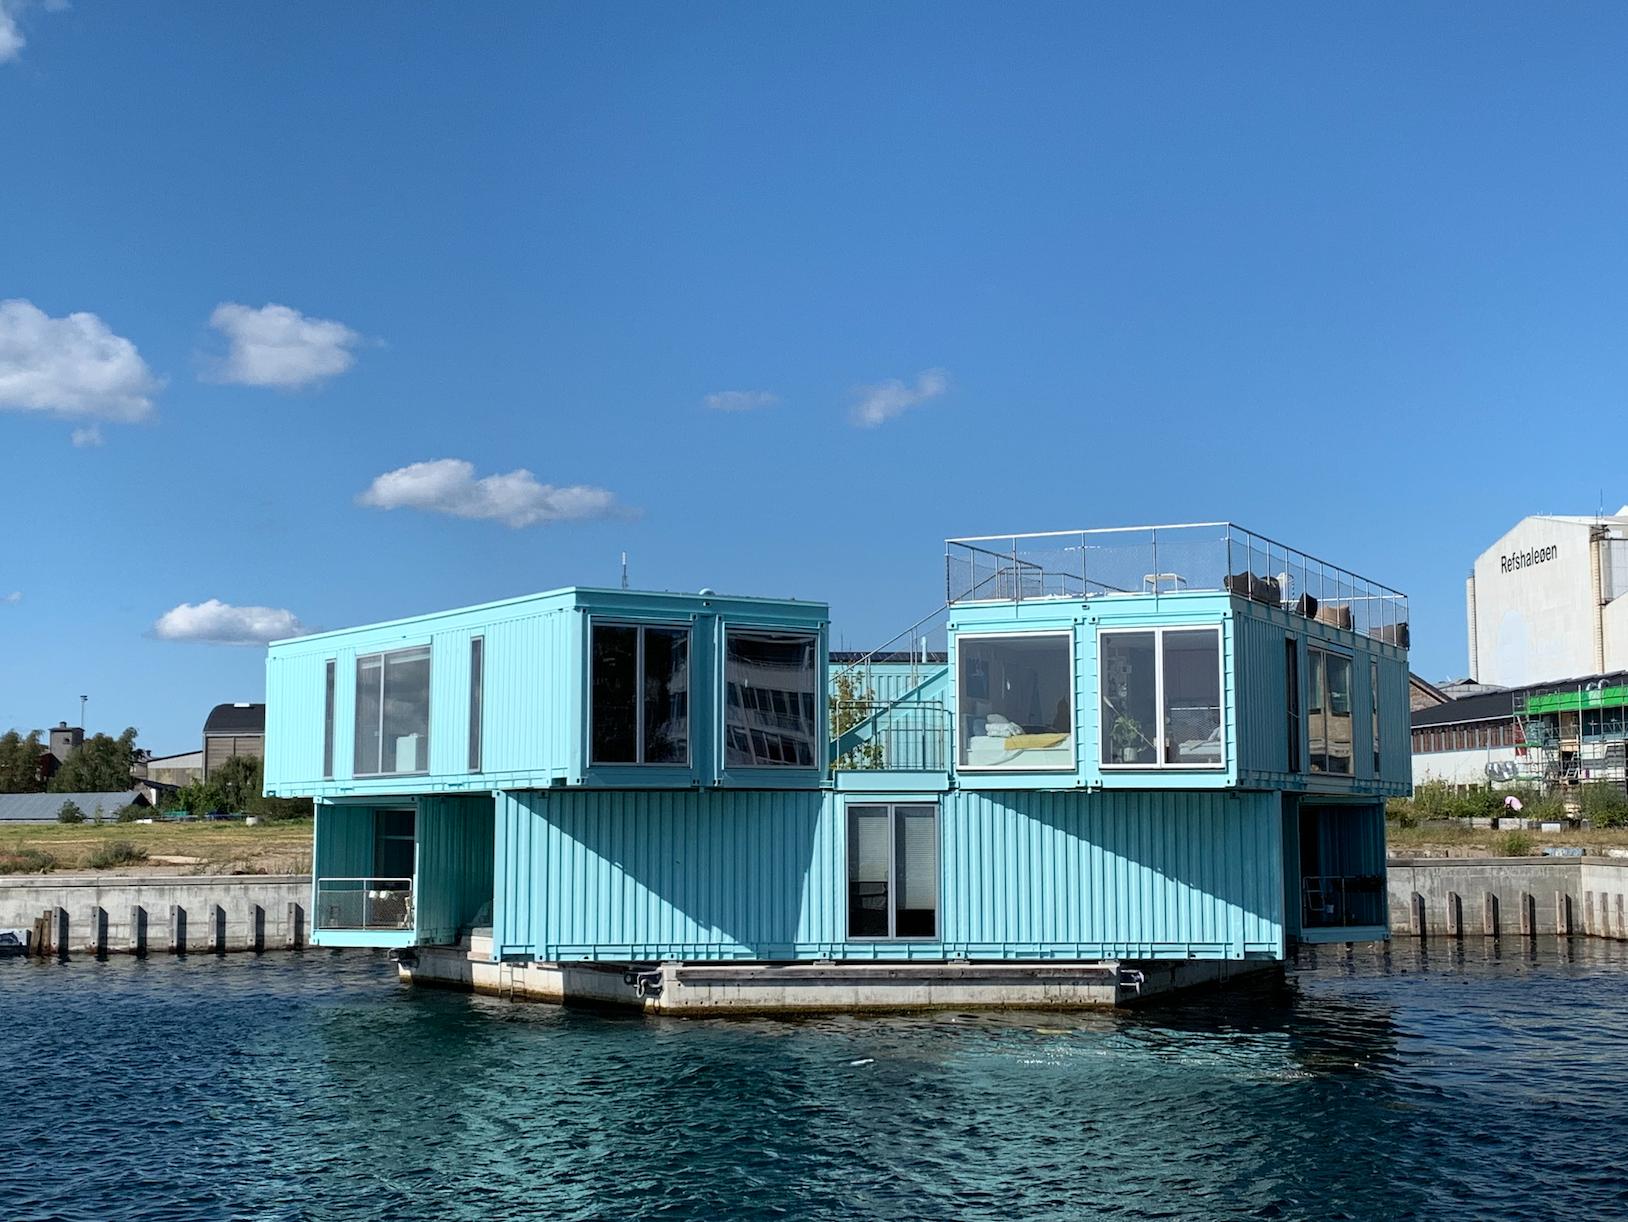 Floating home in Copenhagen